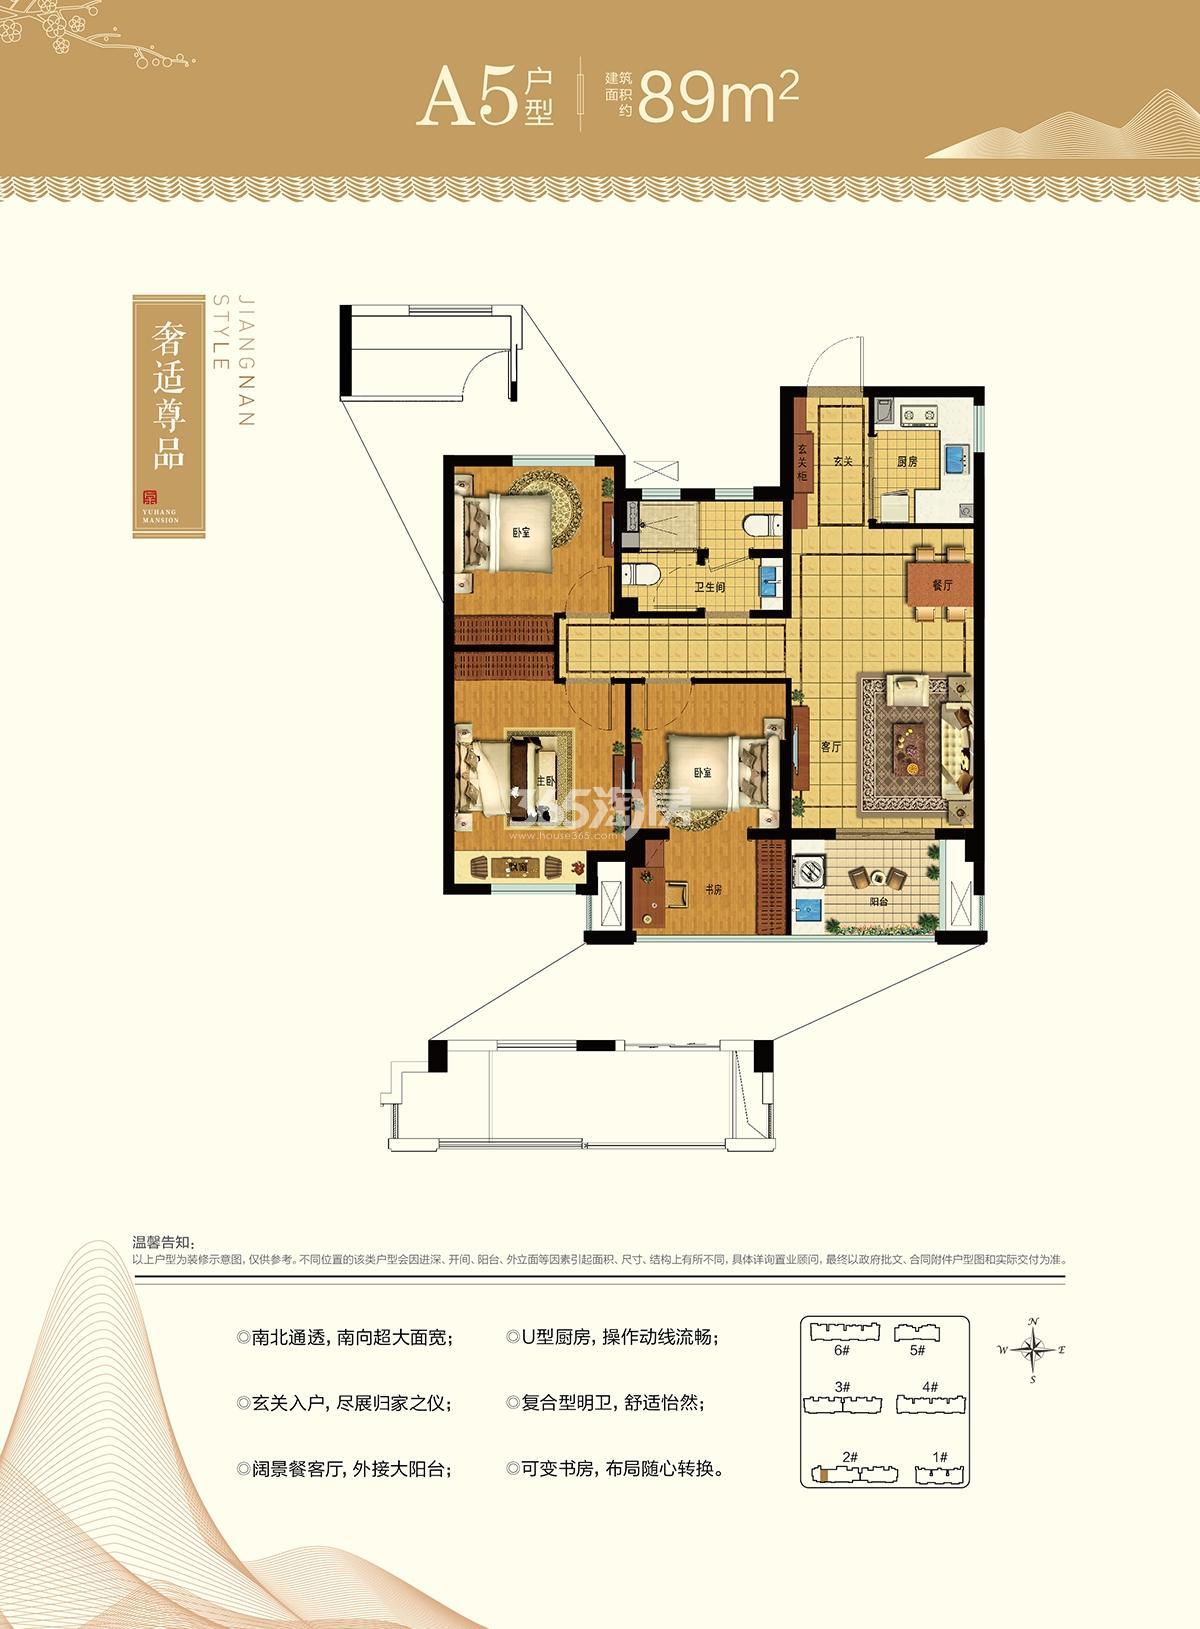 西房余杭公馆2号楼A5户型89方